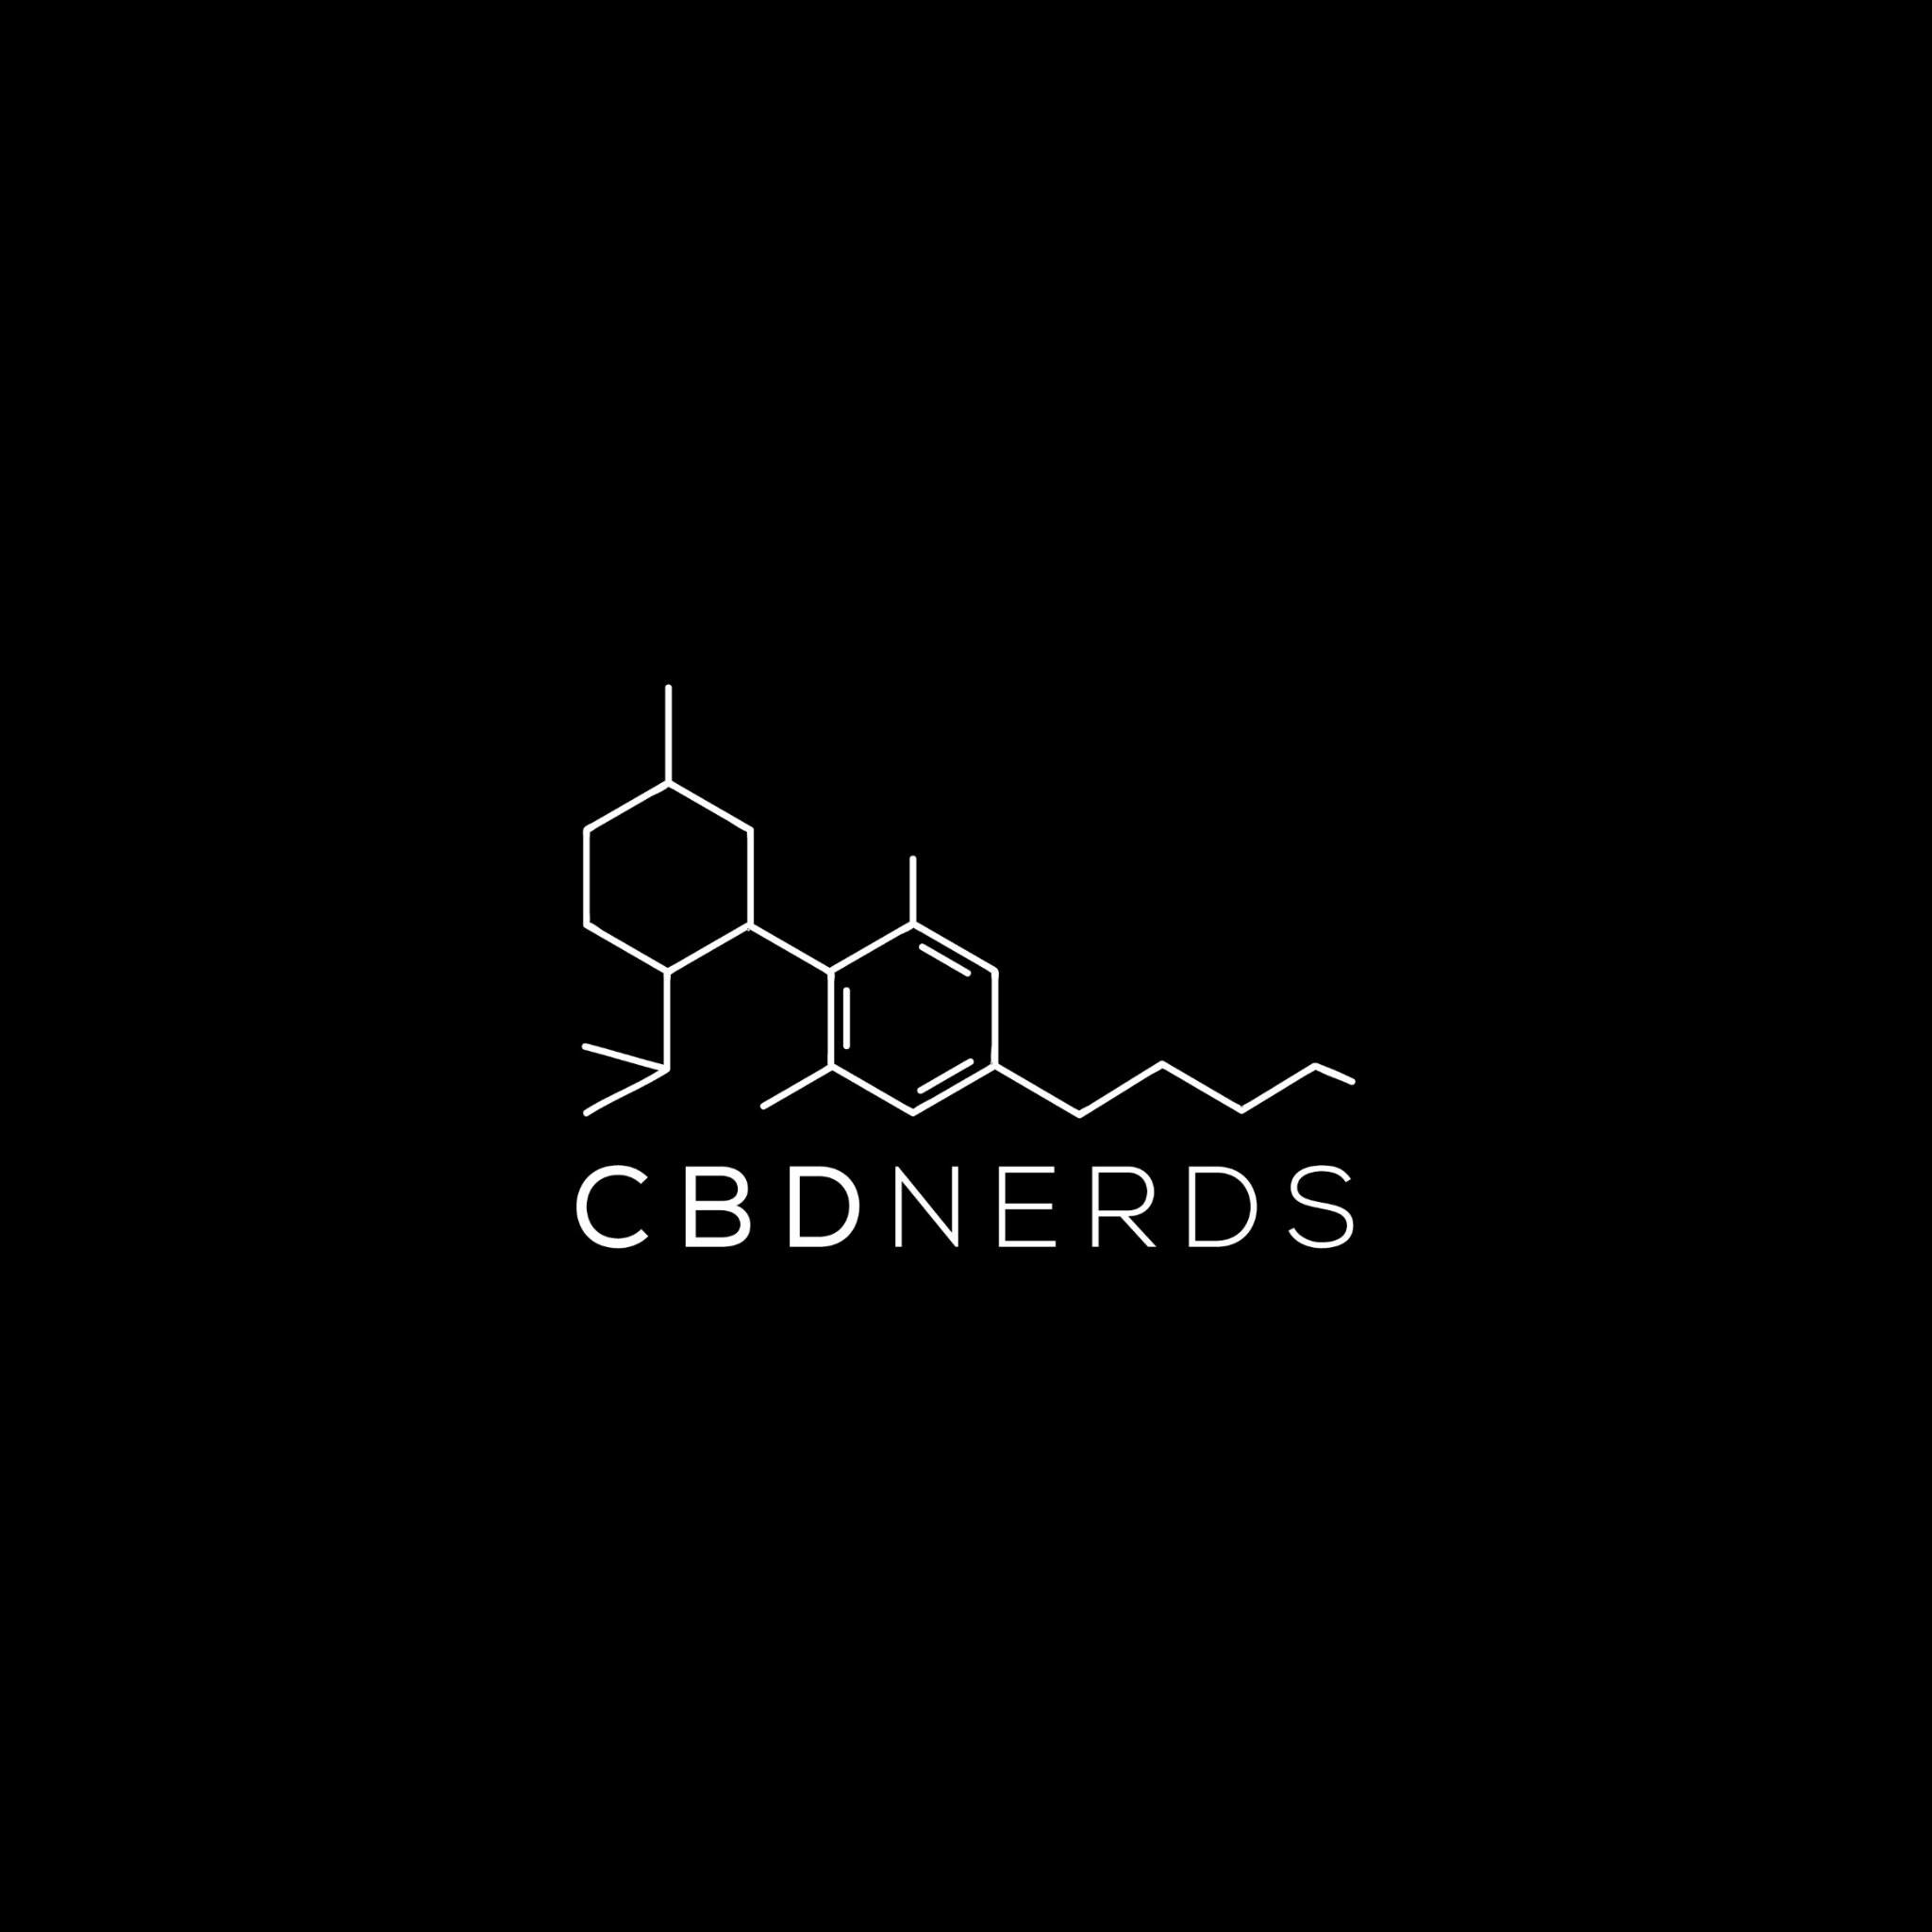 CBD Nerds